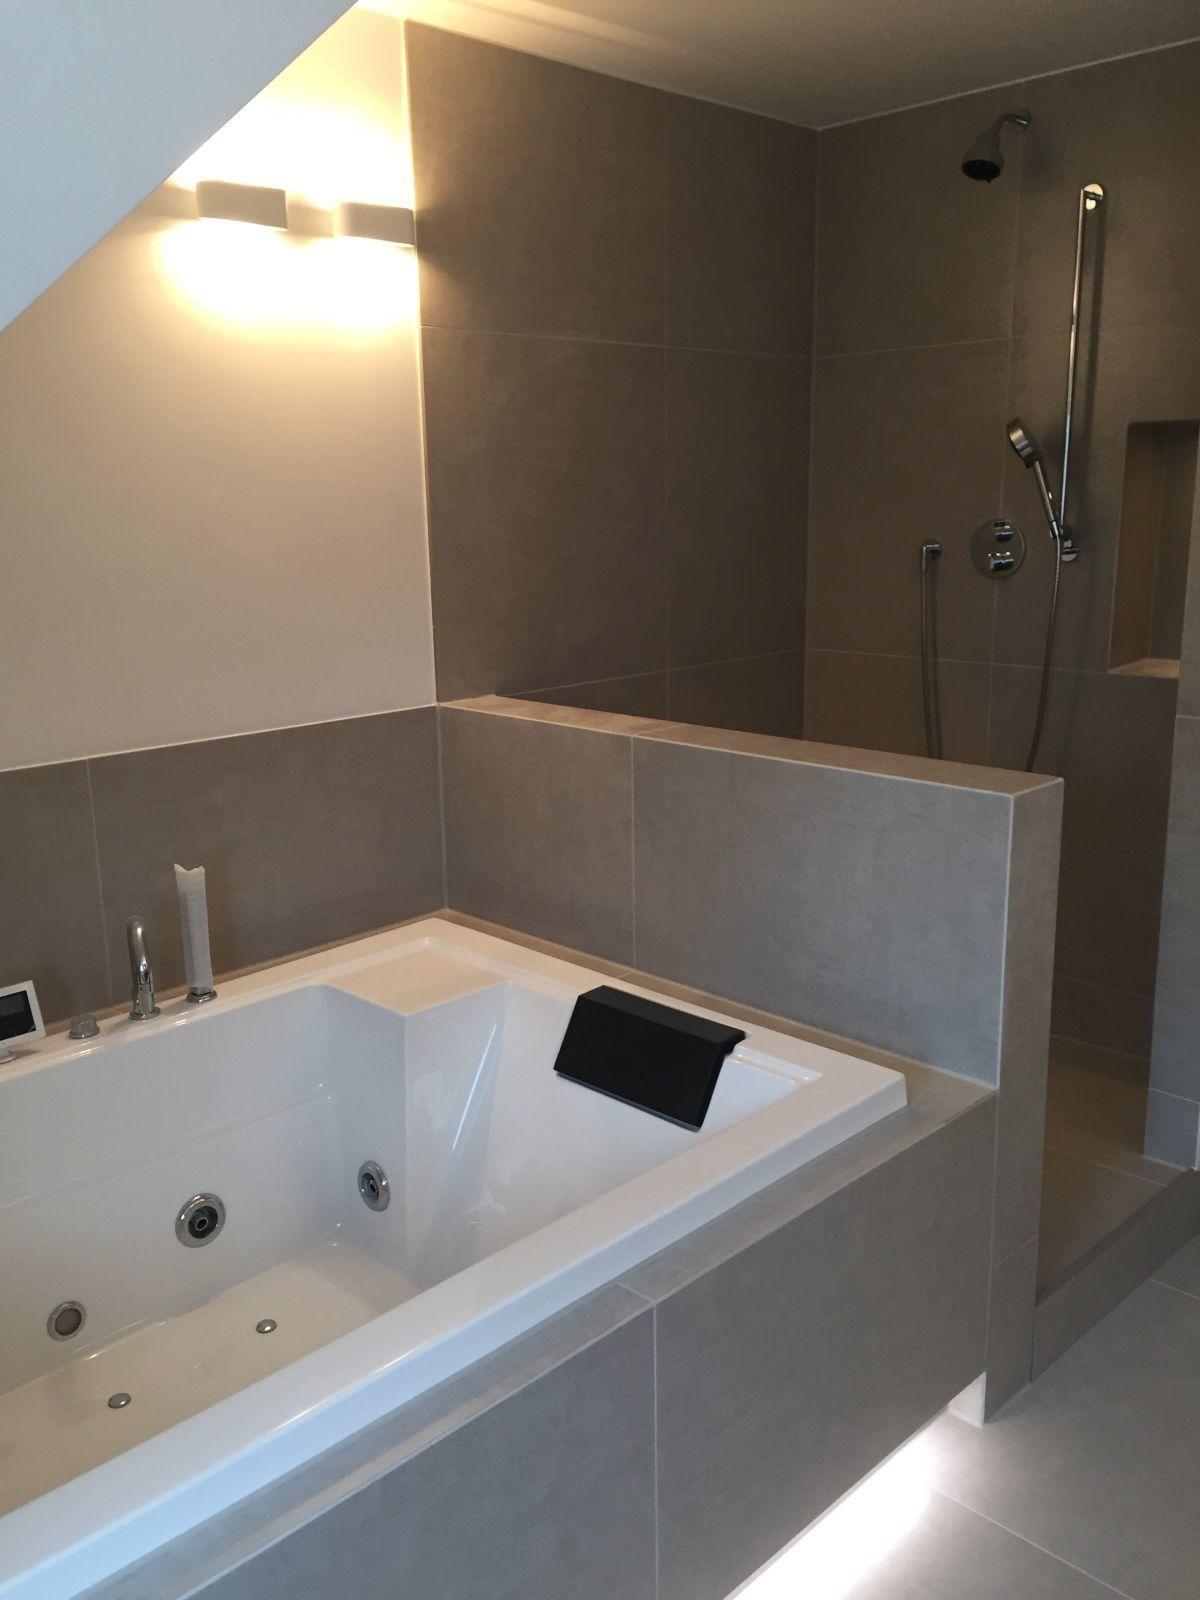 Dachbad mit Whirlwanne, Dusche, Doppel-Waschtisch und W